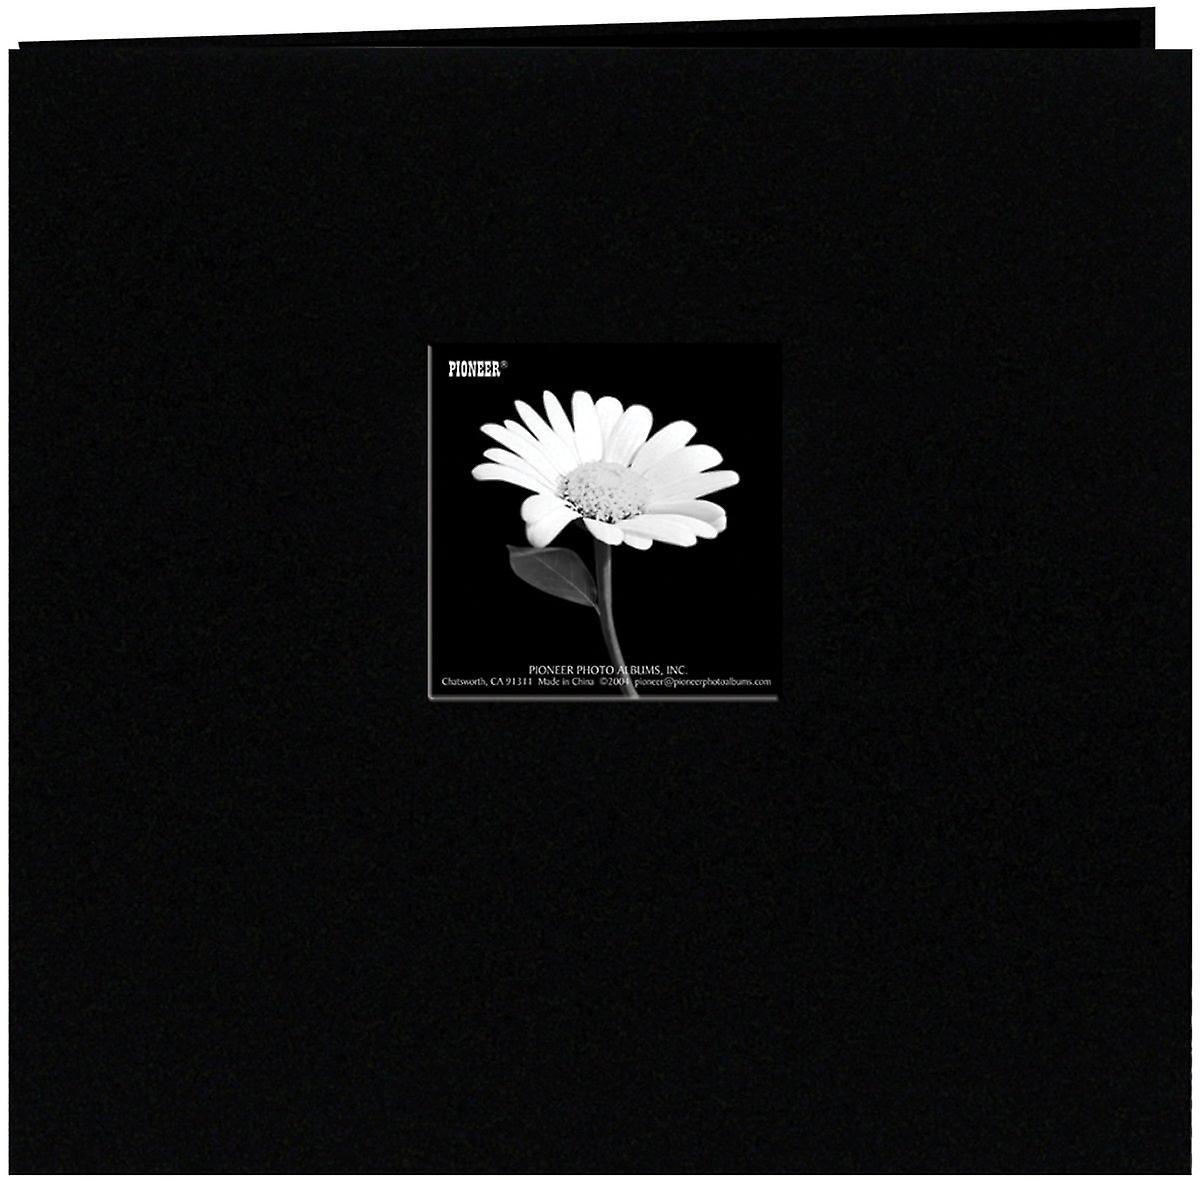 Pioneer livre tissu couverture de l'Album Post lié 12 & 034;X 12 -noir